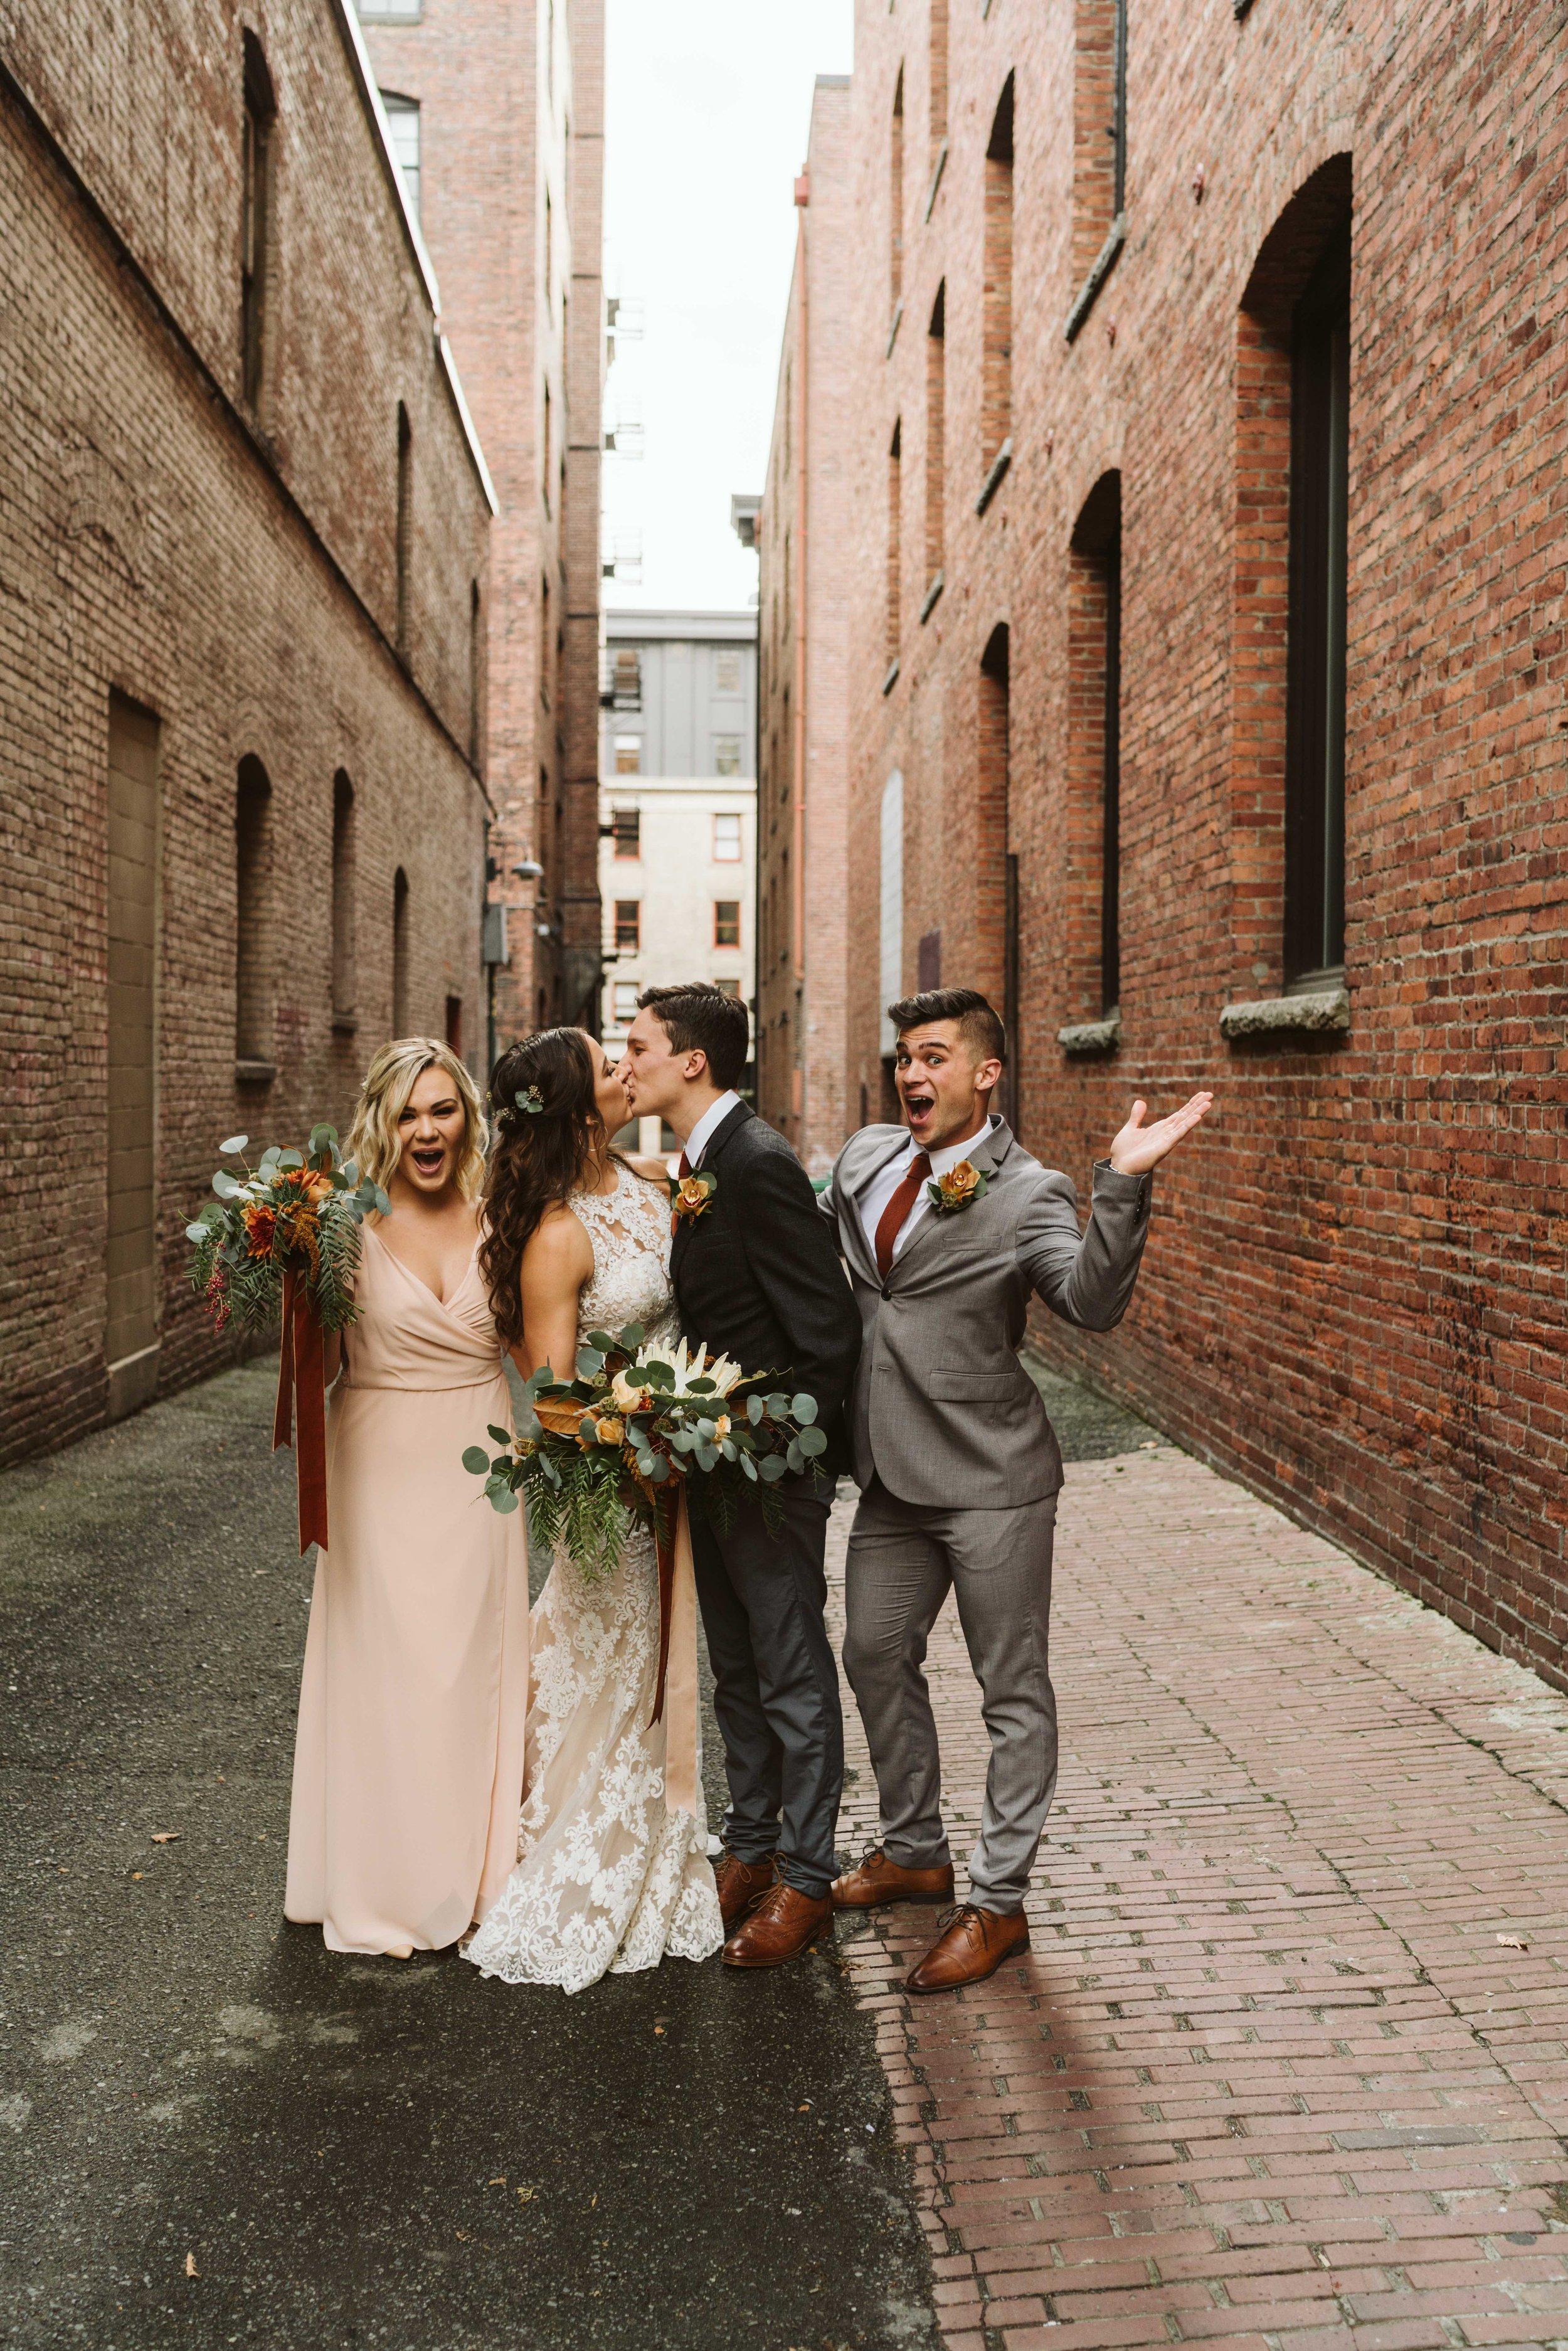 April Yentas Photography - Big Fake Wedding Seattle-109.jpg